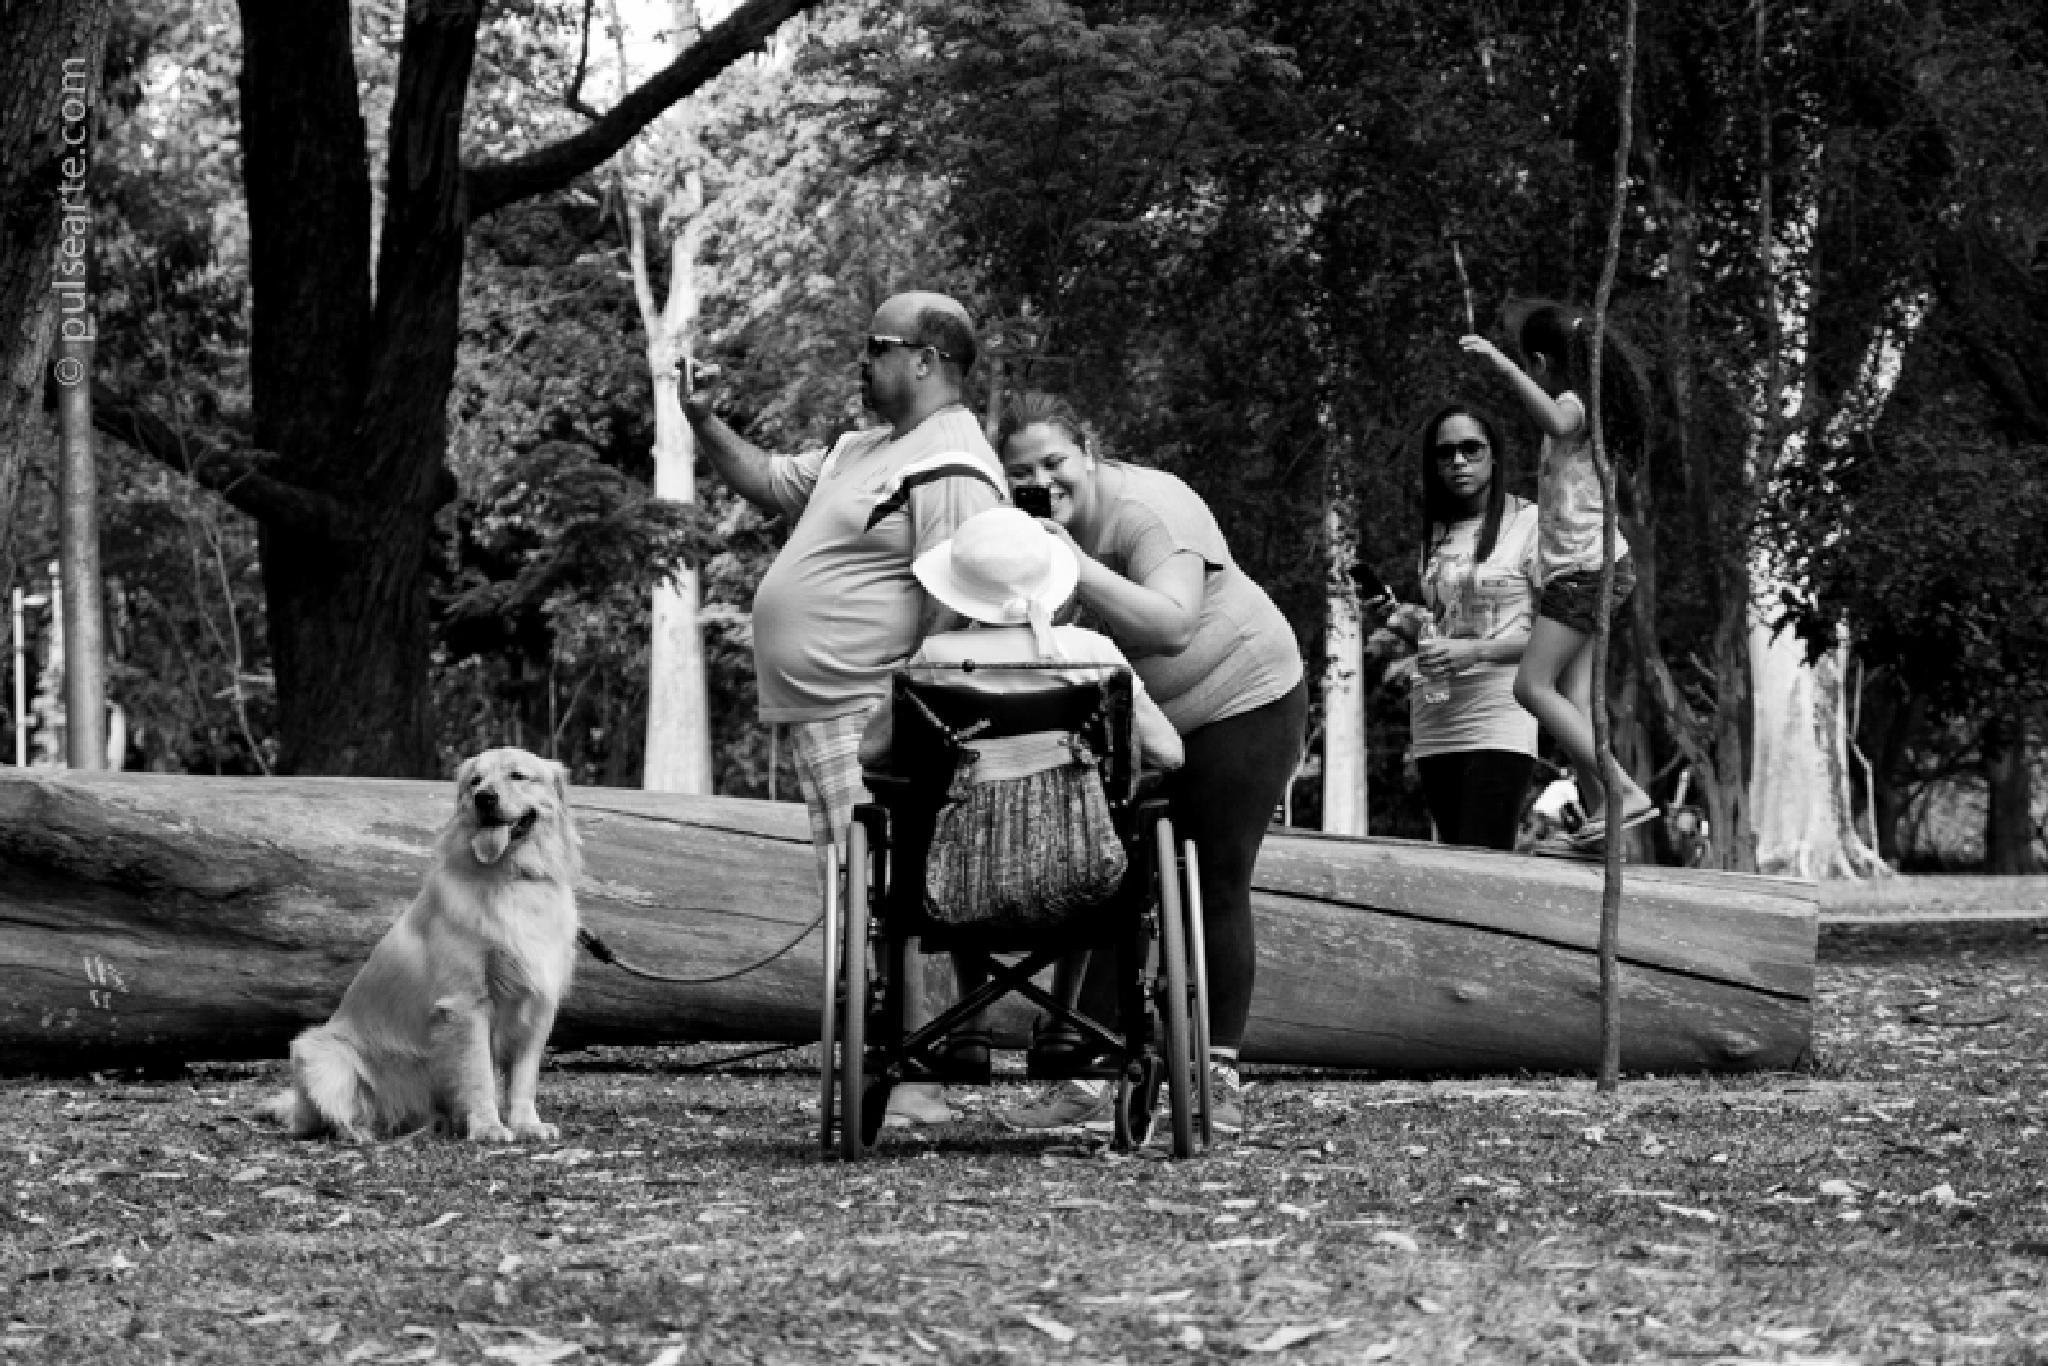 Fotos no parque by rodrigogodoyferreira